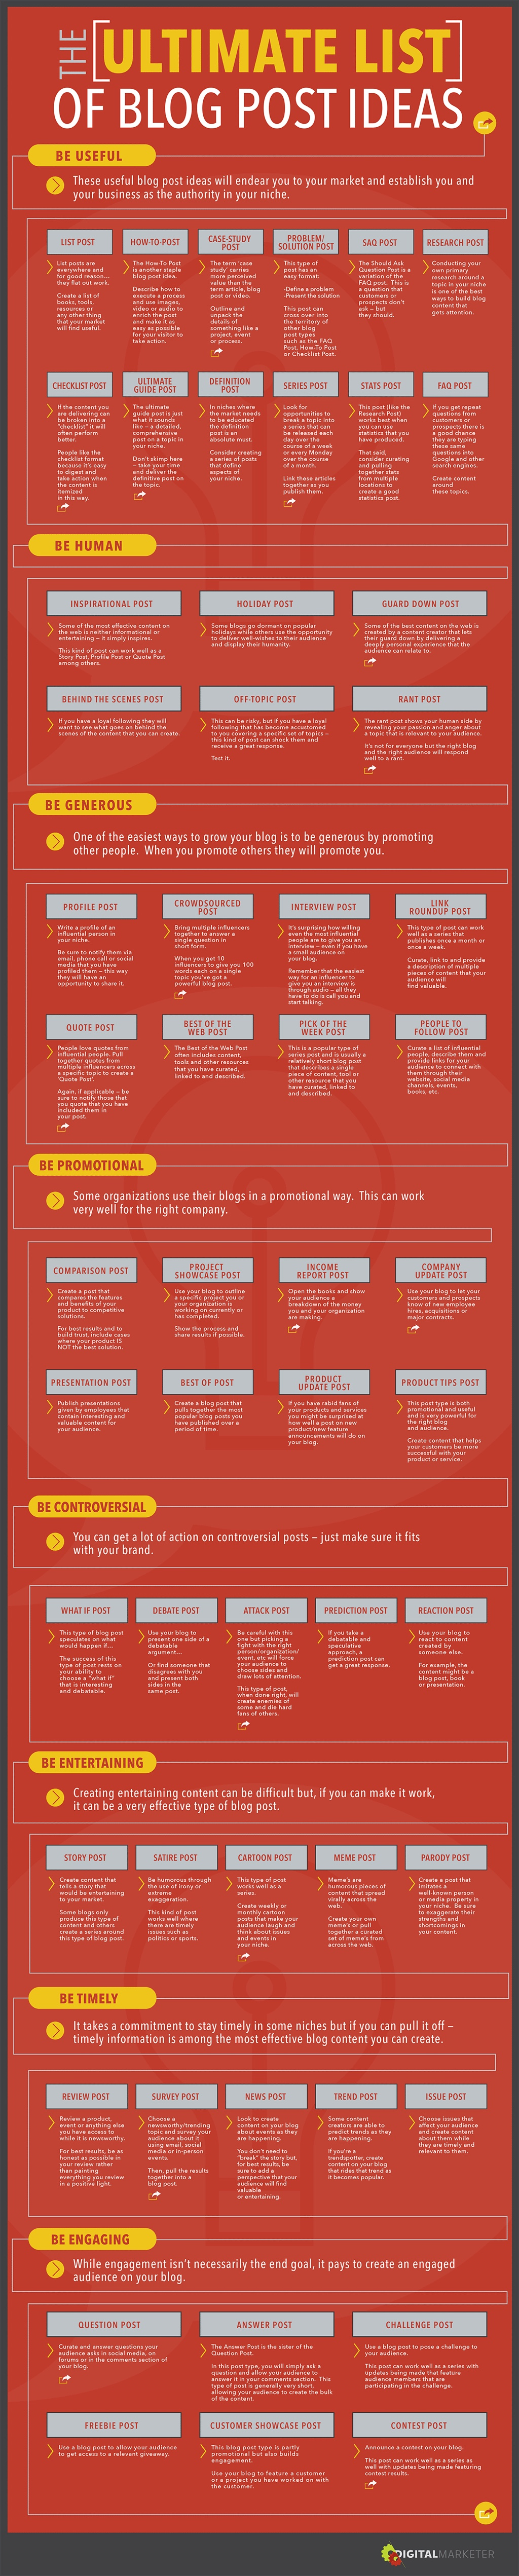 Infografik: 55 Blogpost Ideen / Ideen für Blogbeitraege